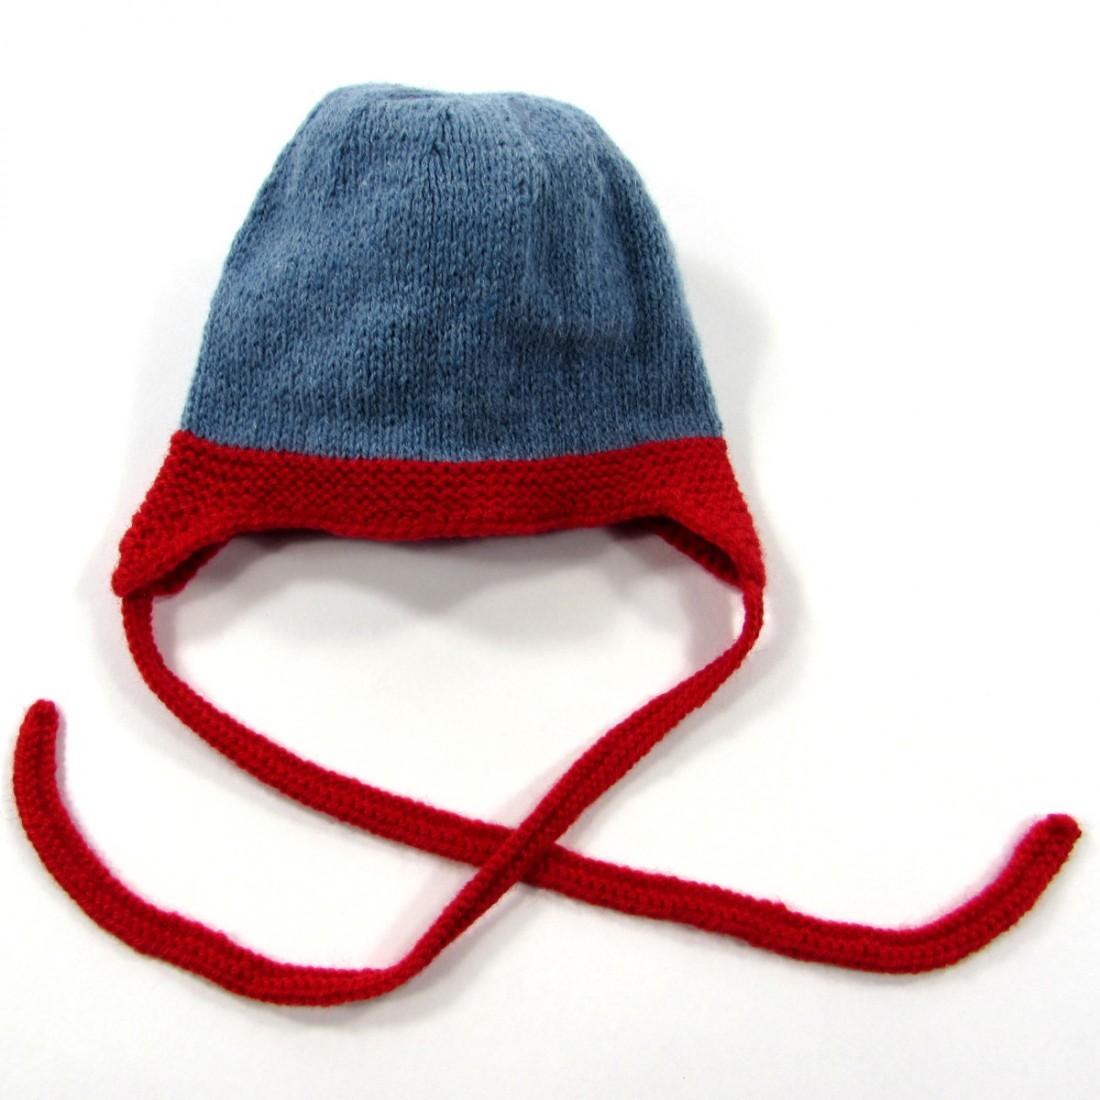 e107eb1bef7 Bonnet laine à oreilles bien enveloppant pour lutter contre le froid